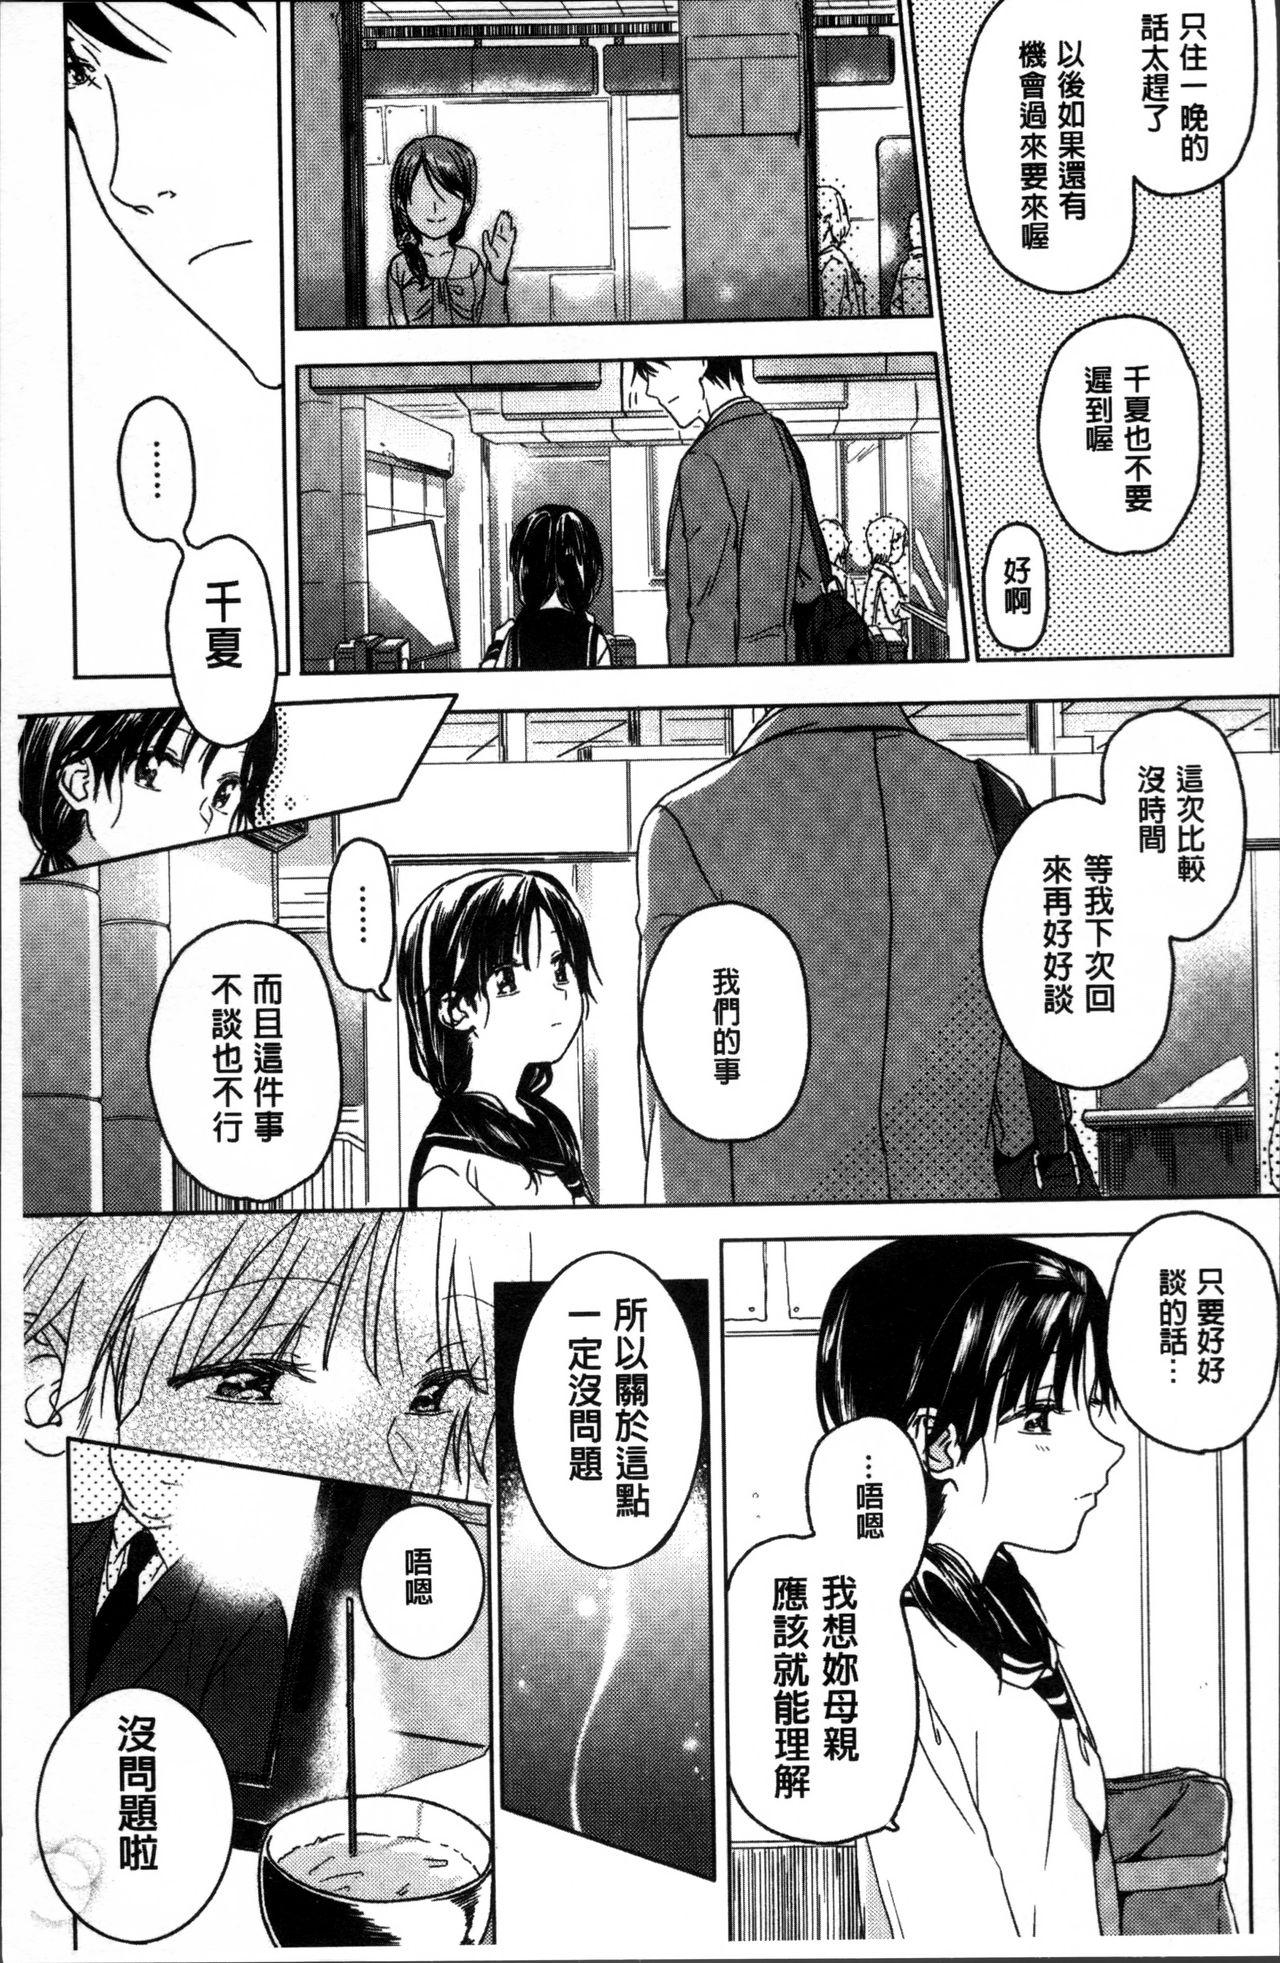 Kanojo no Setsuna 29